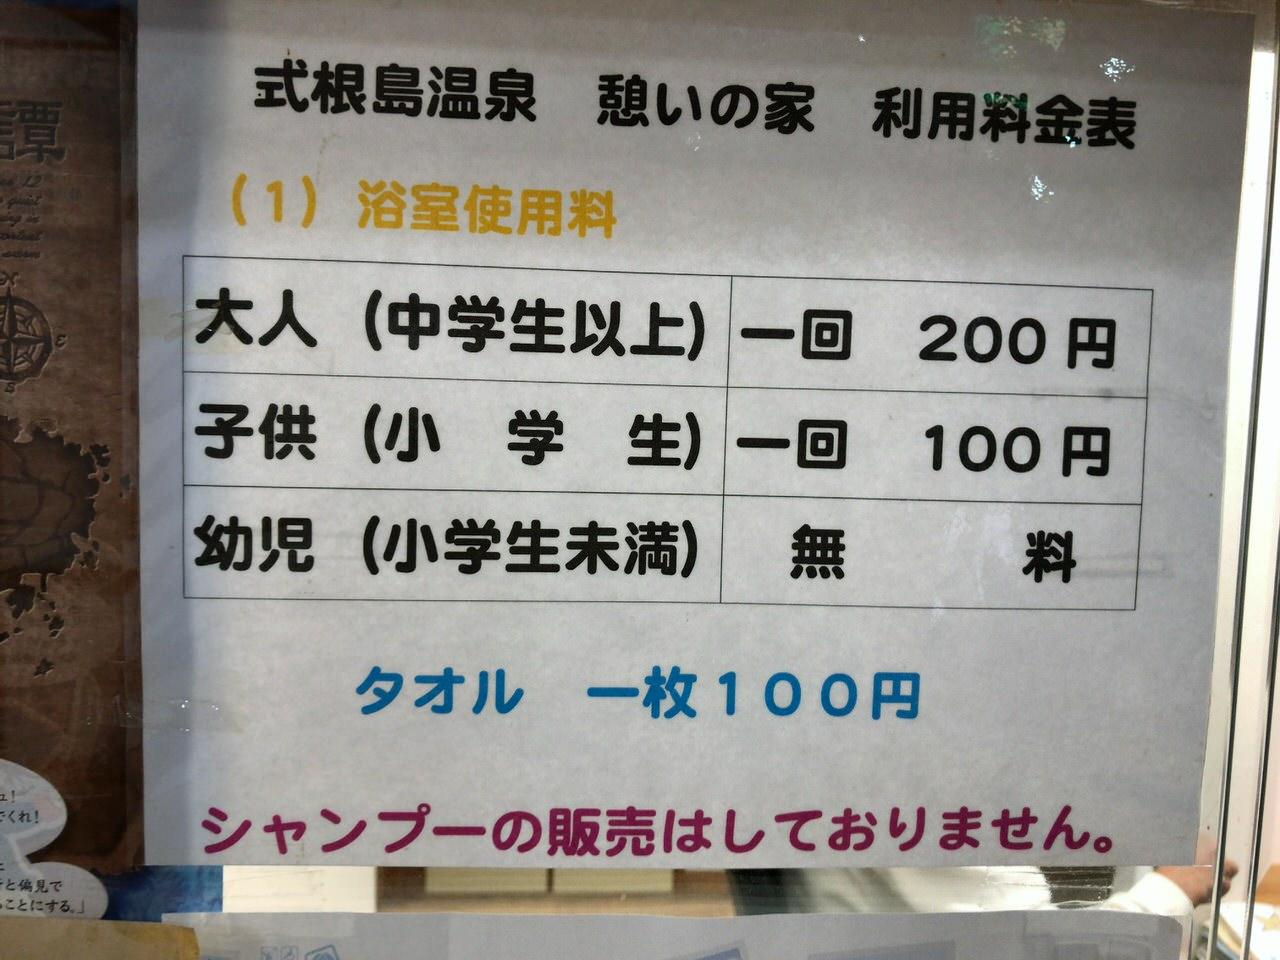 Niijima travel 2589